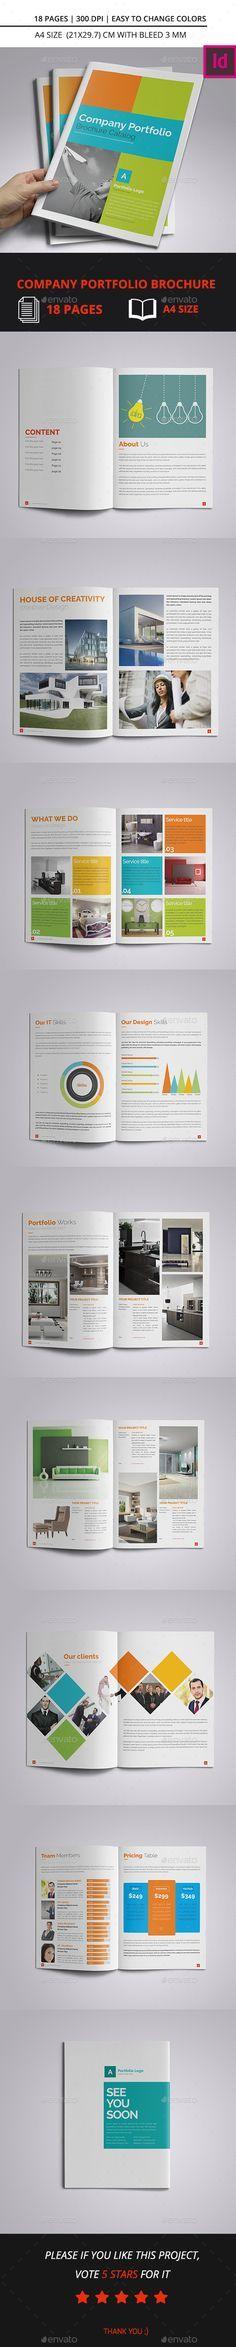 Company Portfolio Template Fair Multipurpose Portfolio Template  Brochures Brochure Template And .